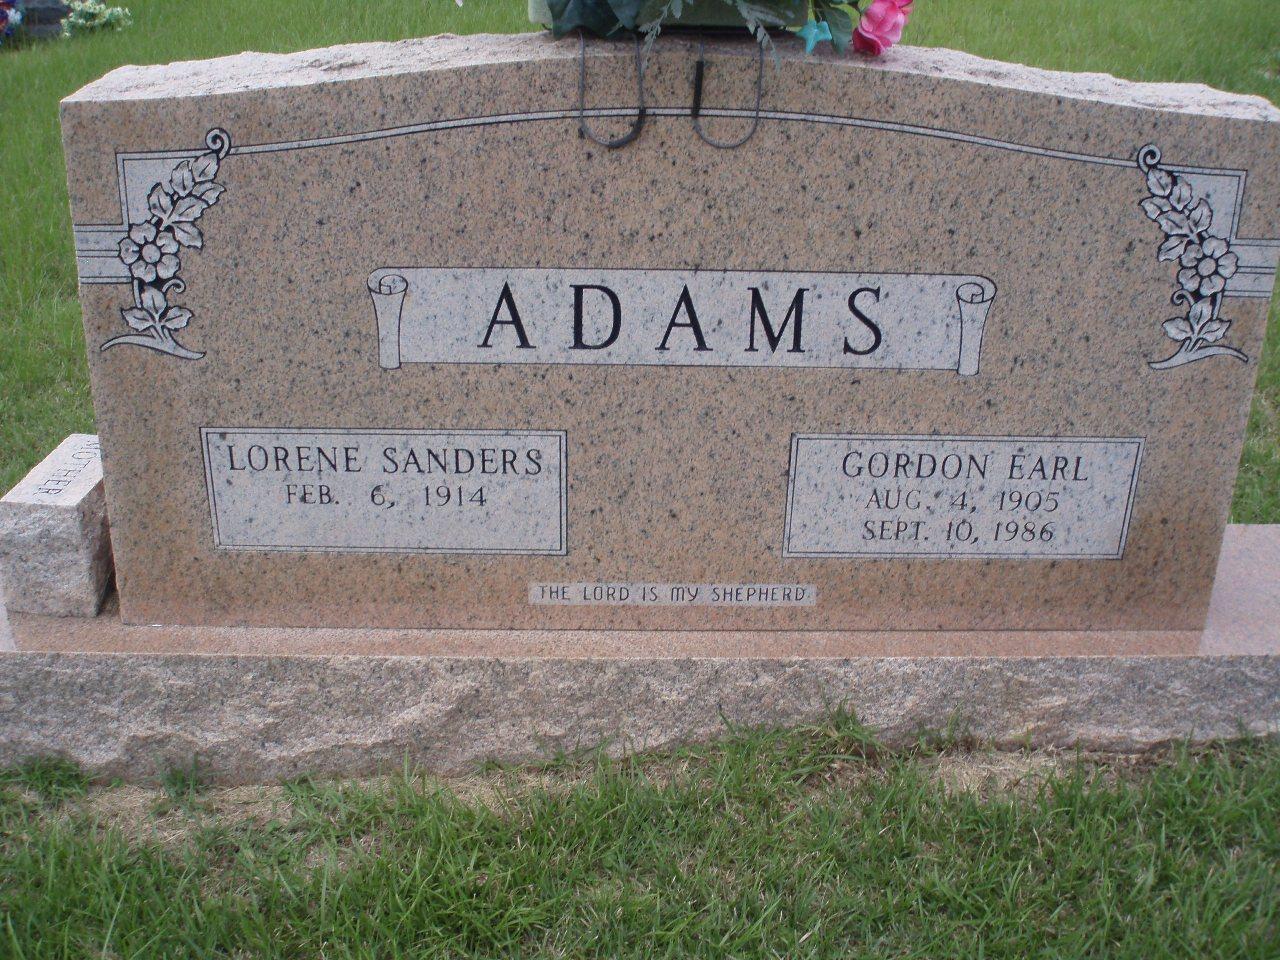 Gordon Earl Adams